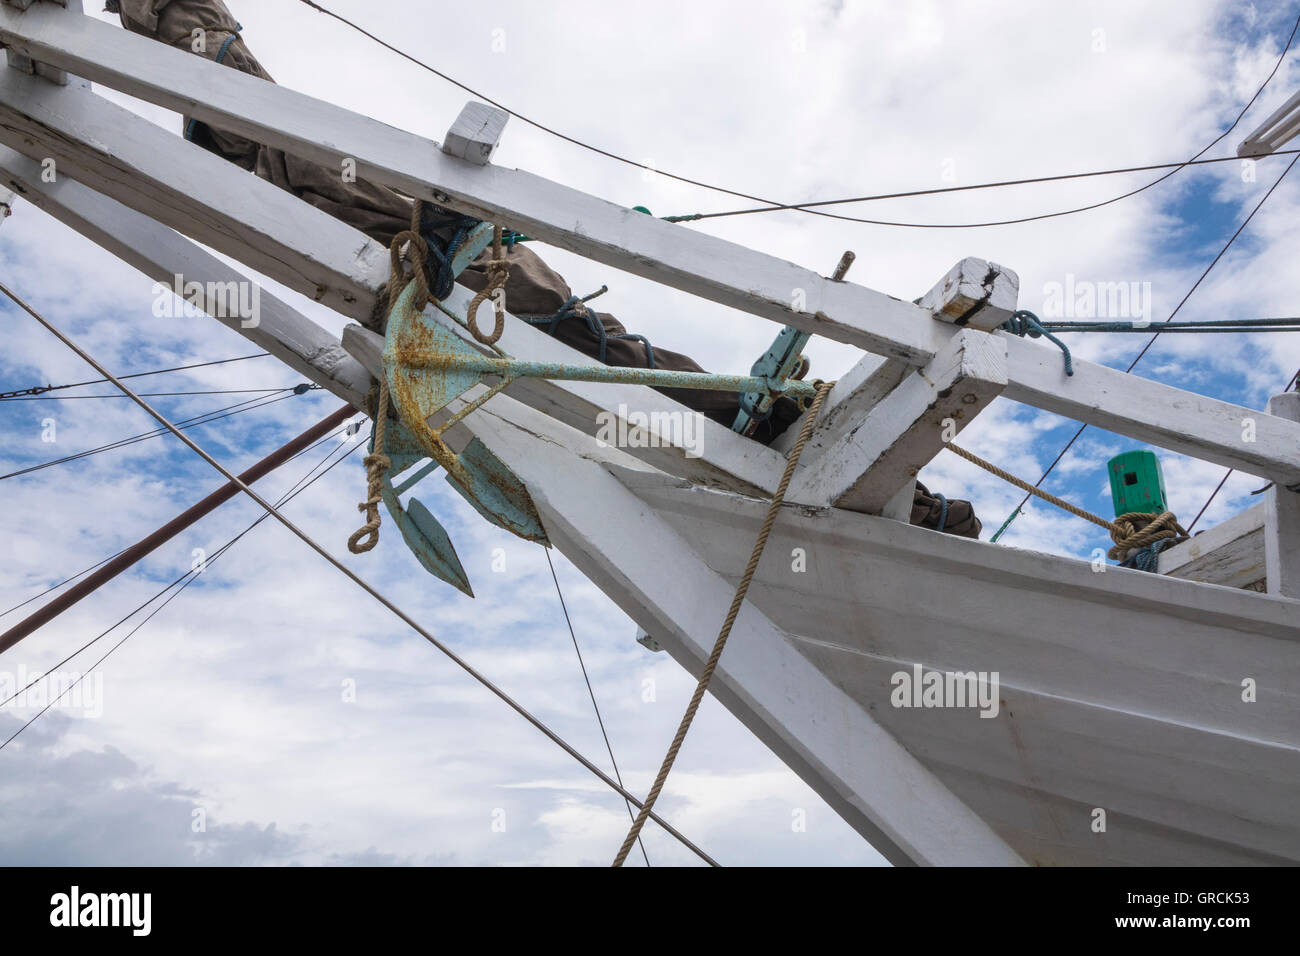 Heck von einem weißen Segelschiff mit erhöhten Anker, Low Angle Shot gegen blauen Himmel mit weißen Stockbild